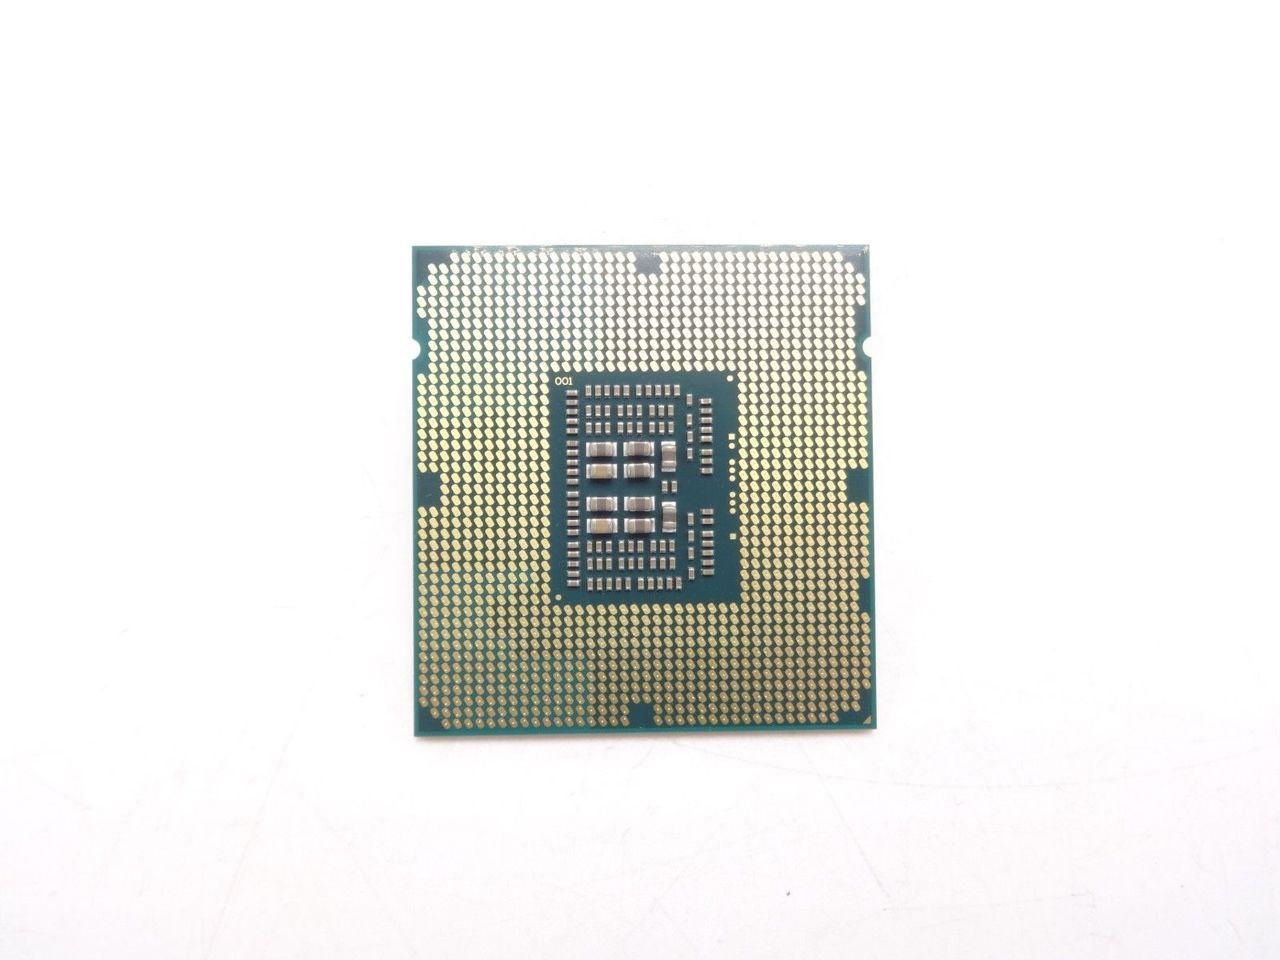 Intel SR20A 6C 1.6GHZ/15MB E5-2603 V3 Processor